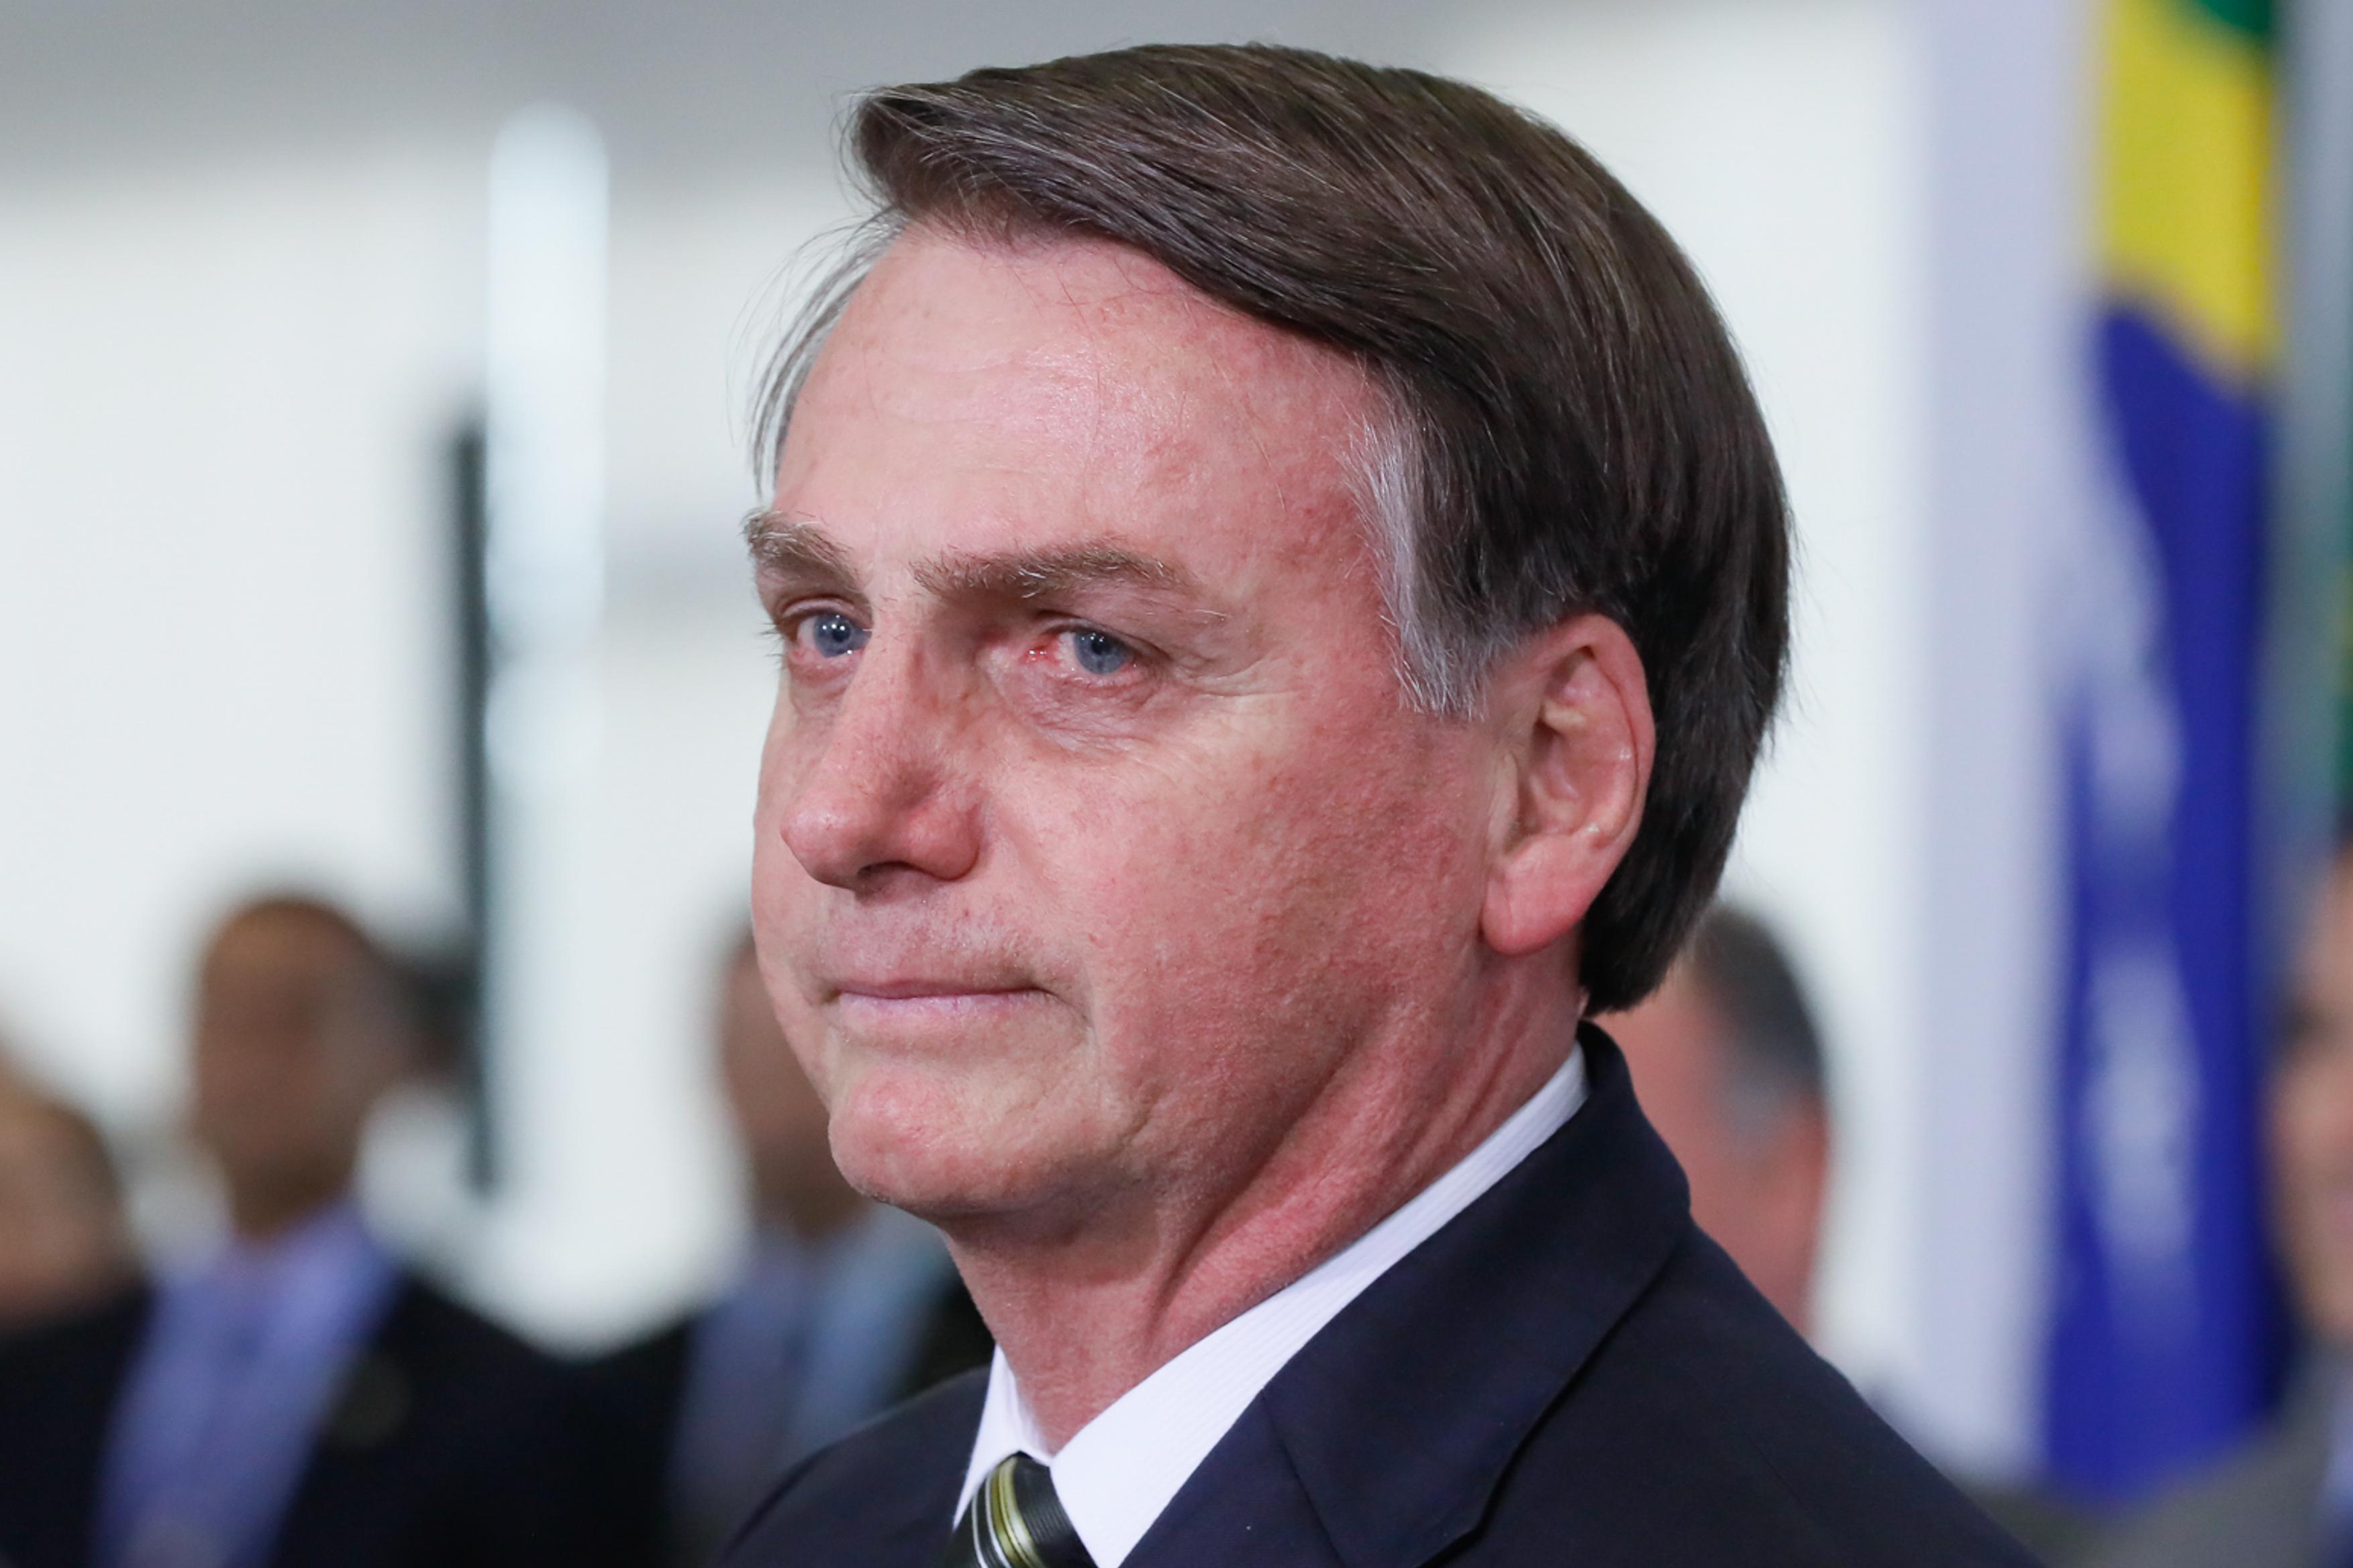 IMAGEM: Justiça proíbe autor de ameaças de ter contato visual e virtual com Bolsonaro